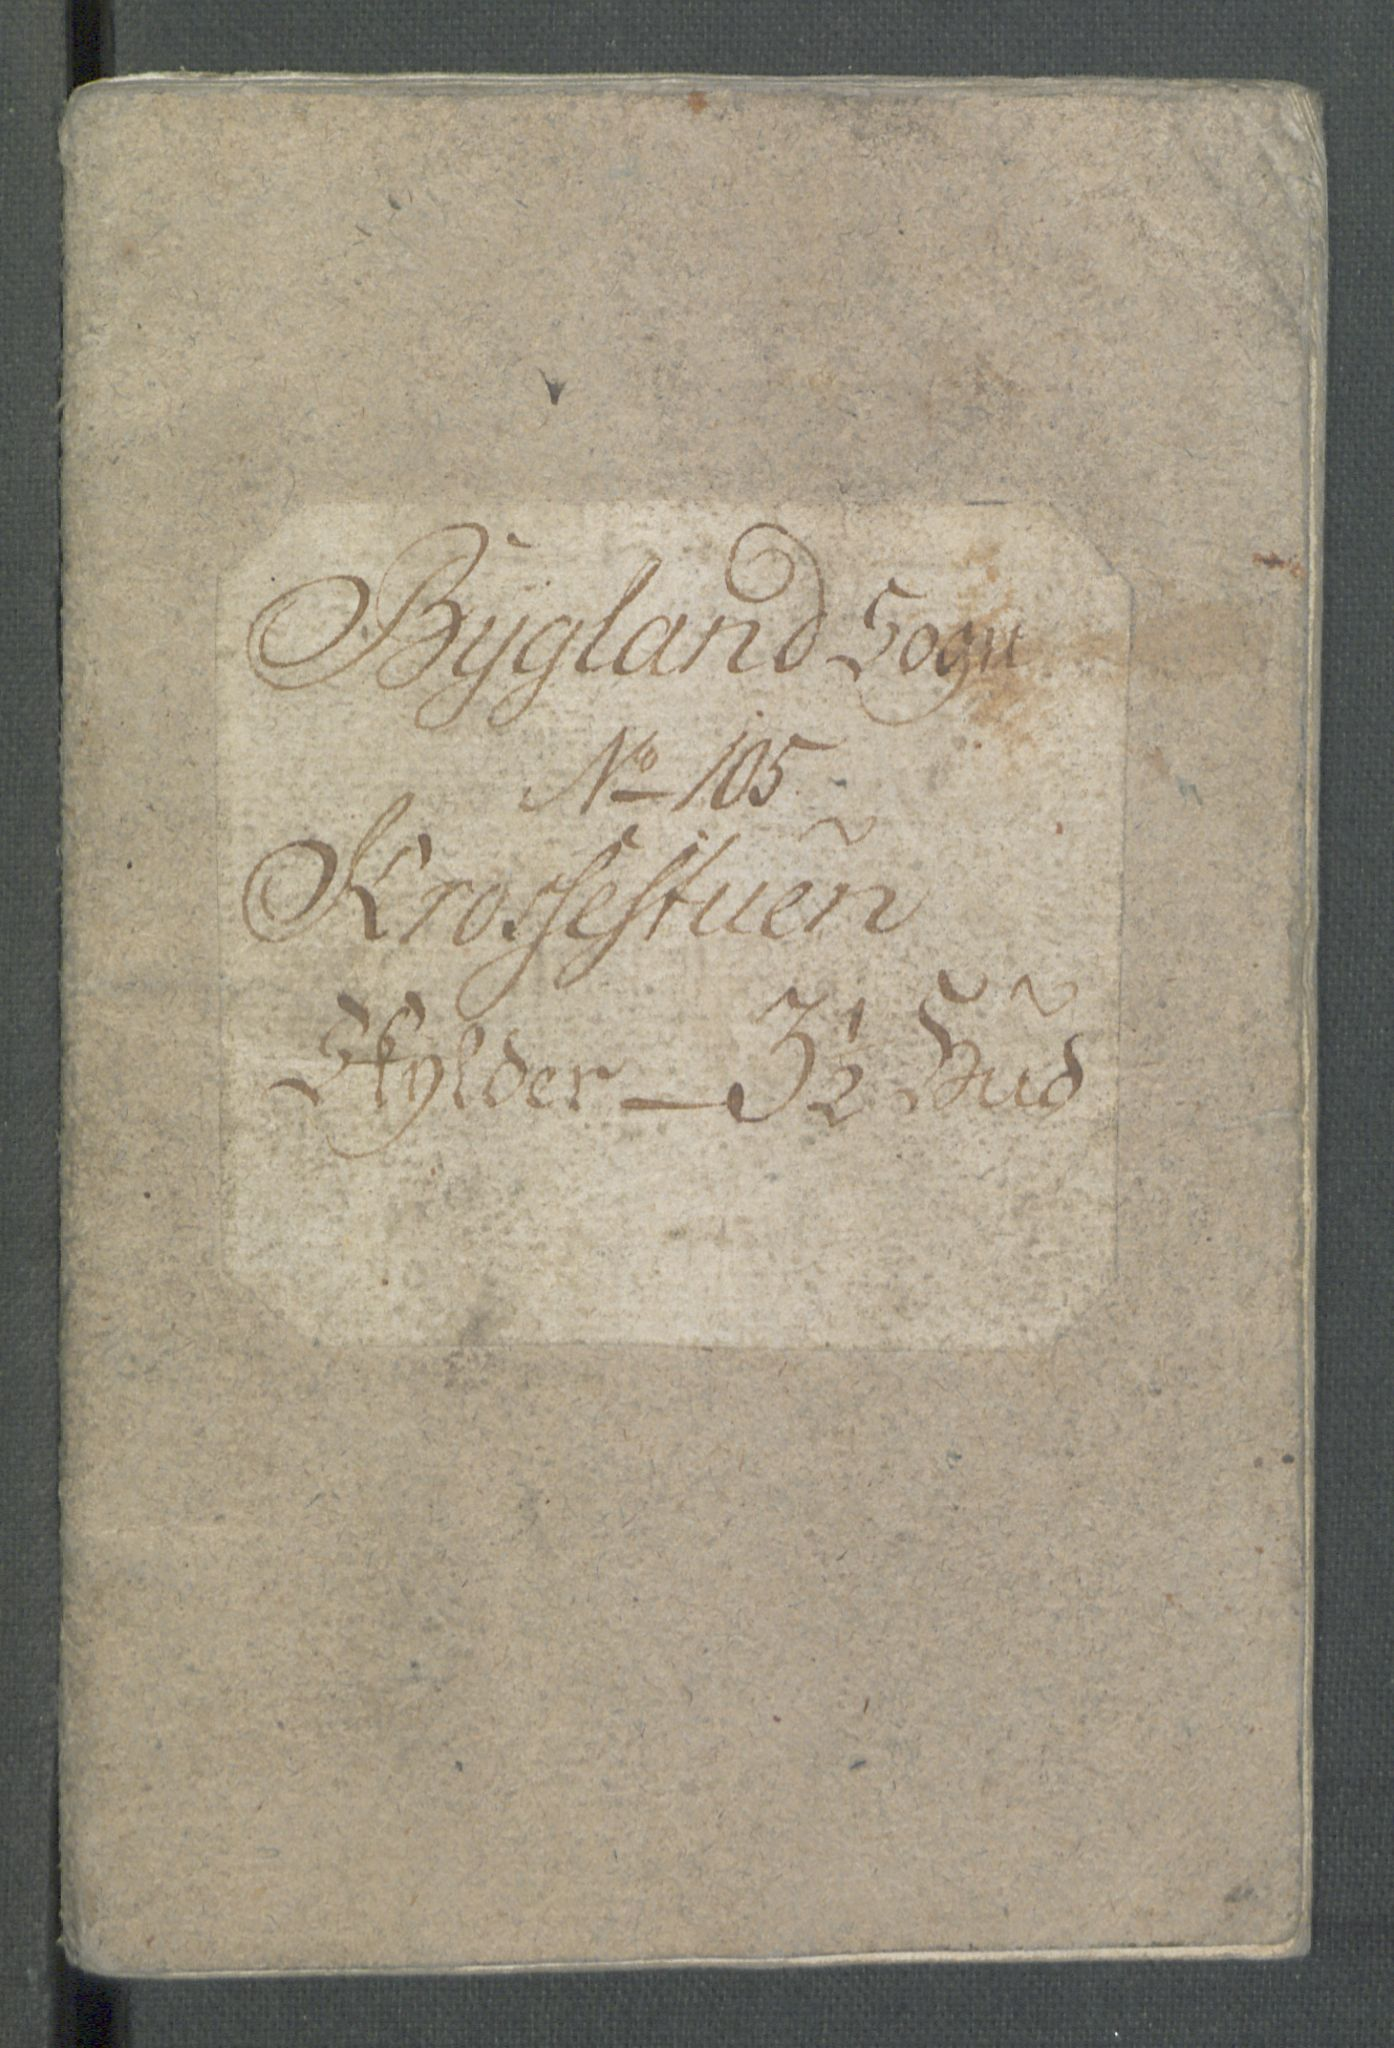 RA, Rentekammeret inntil 1814, Realistisk ordnet avdeling, Od/L0001: Oppløp, 1786-1769, s. 303